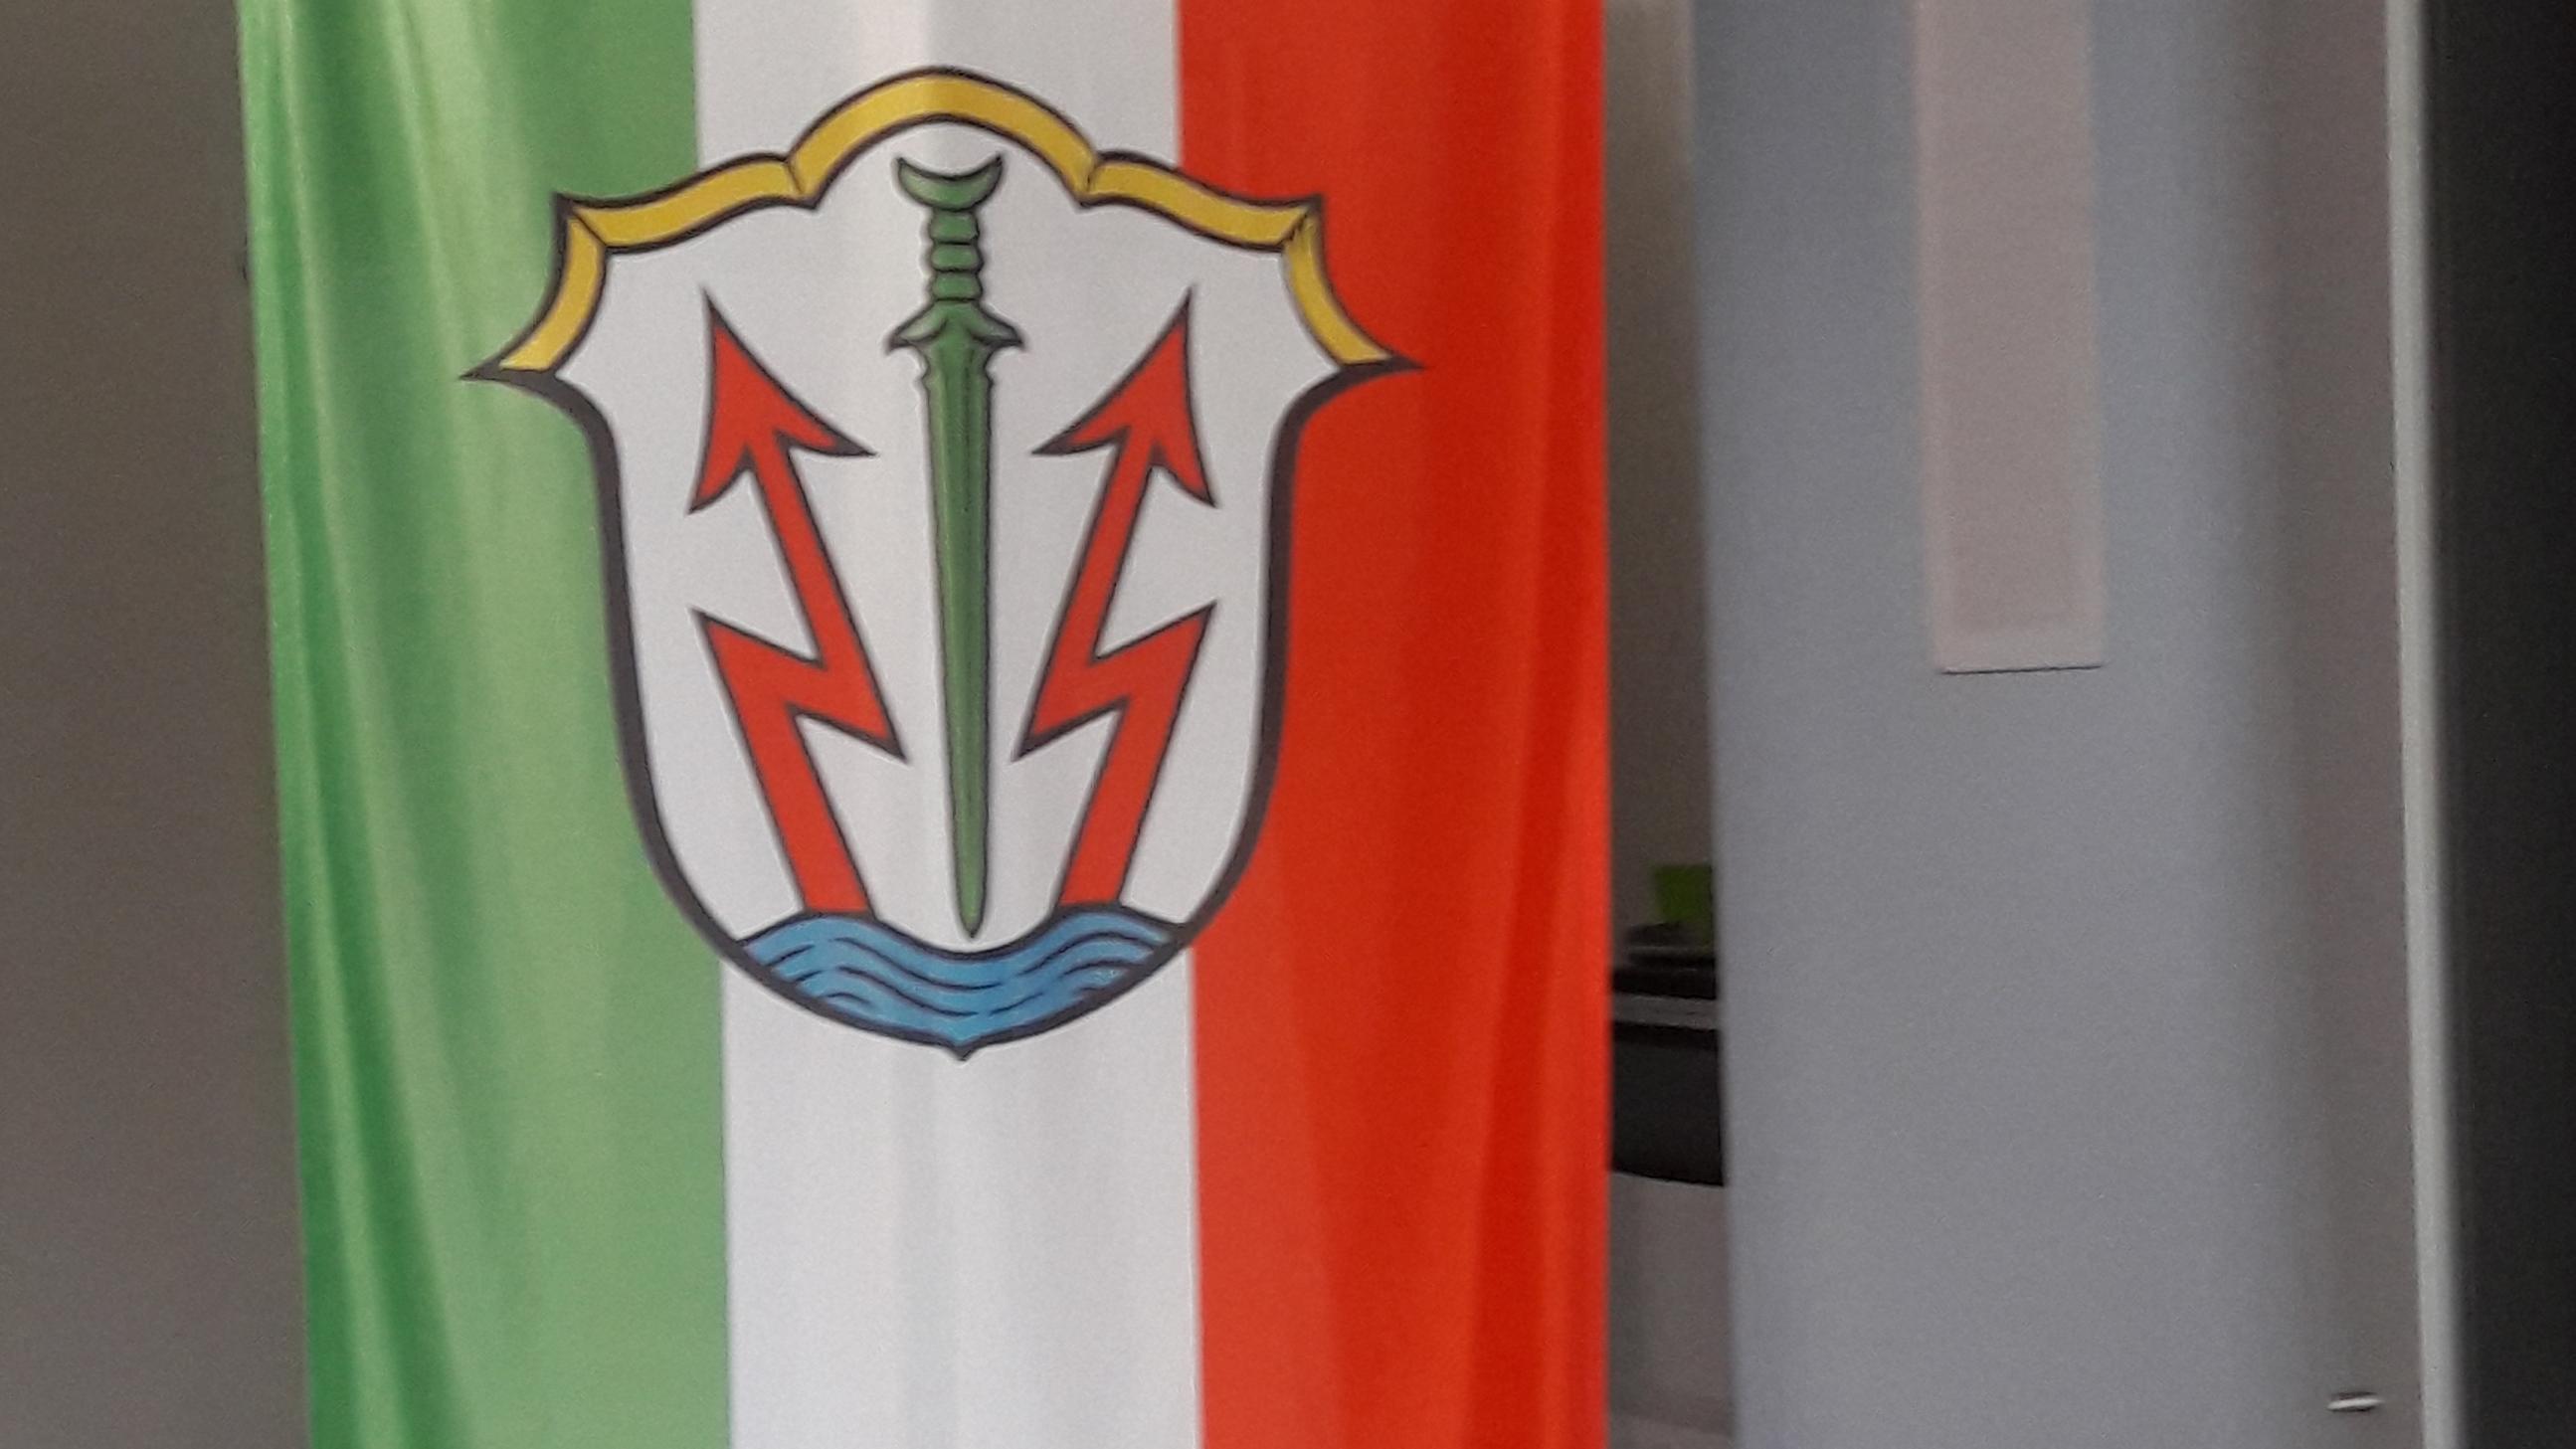 Die grün-weiß-rote Stadtfahne von Töging am Inn mit dem Wappen mit Inn, Blitzen und Schwert.